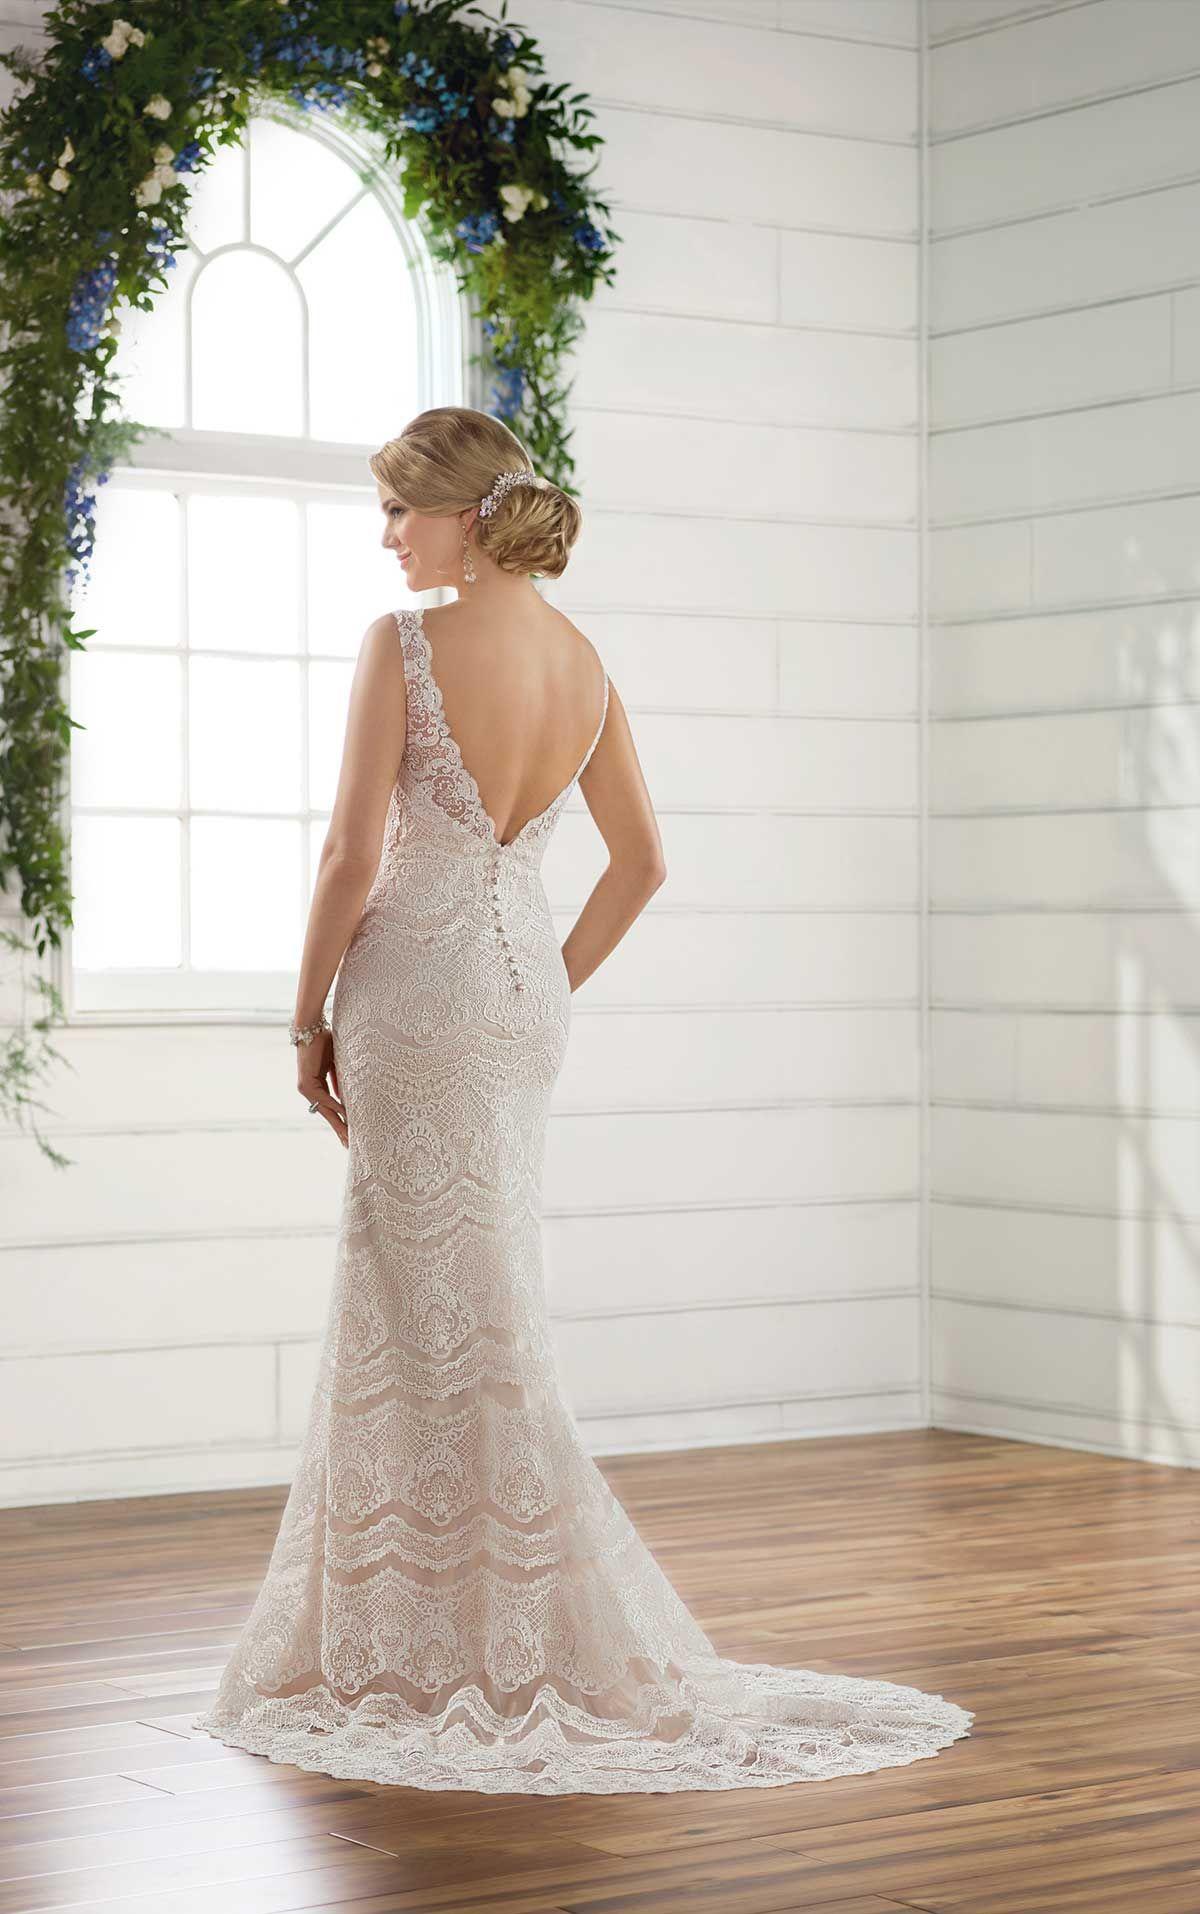 Boho lace patterned wedding dress boho wedding dress and neckline